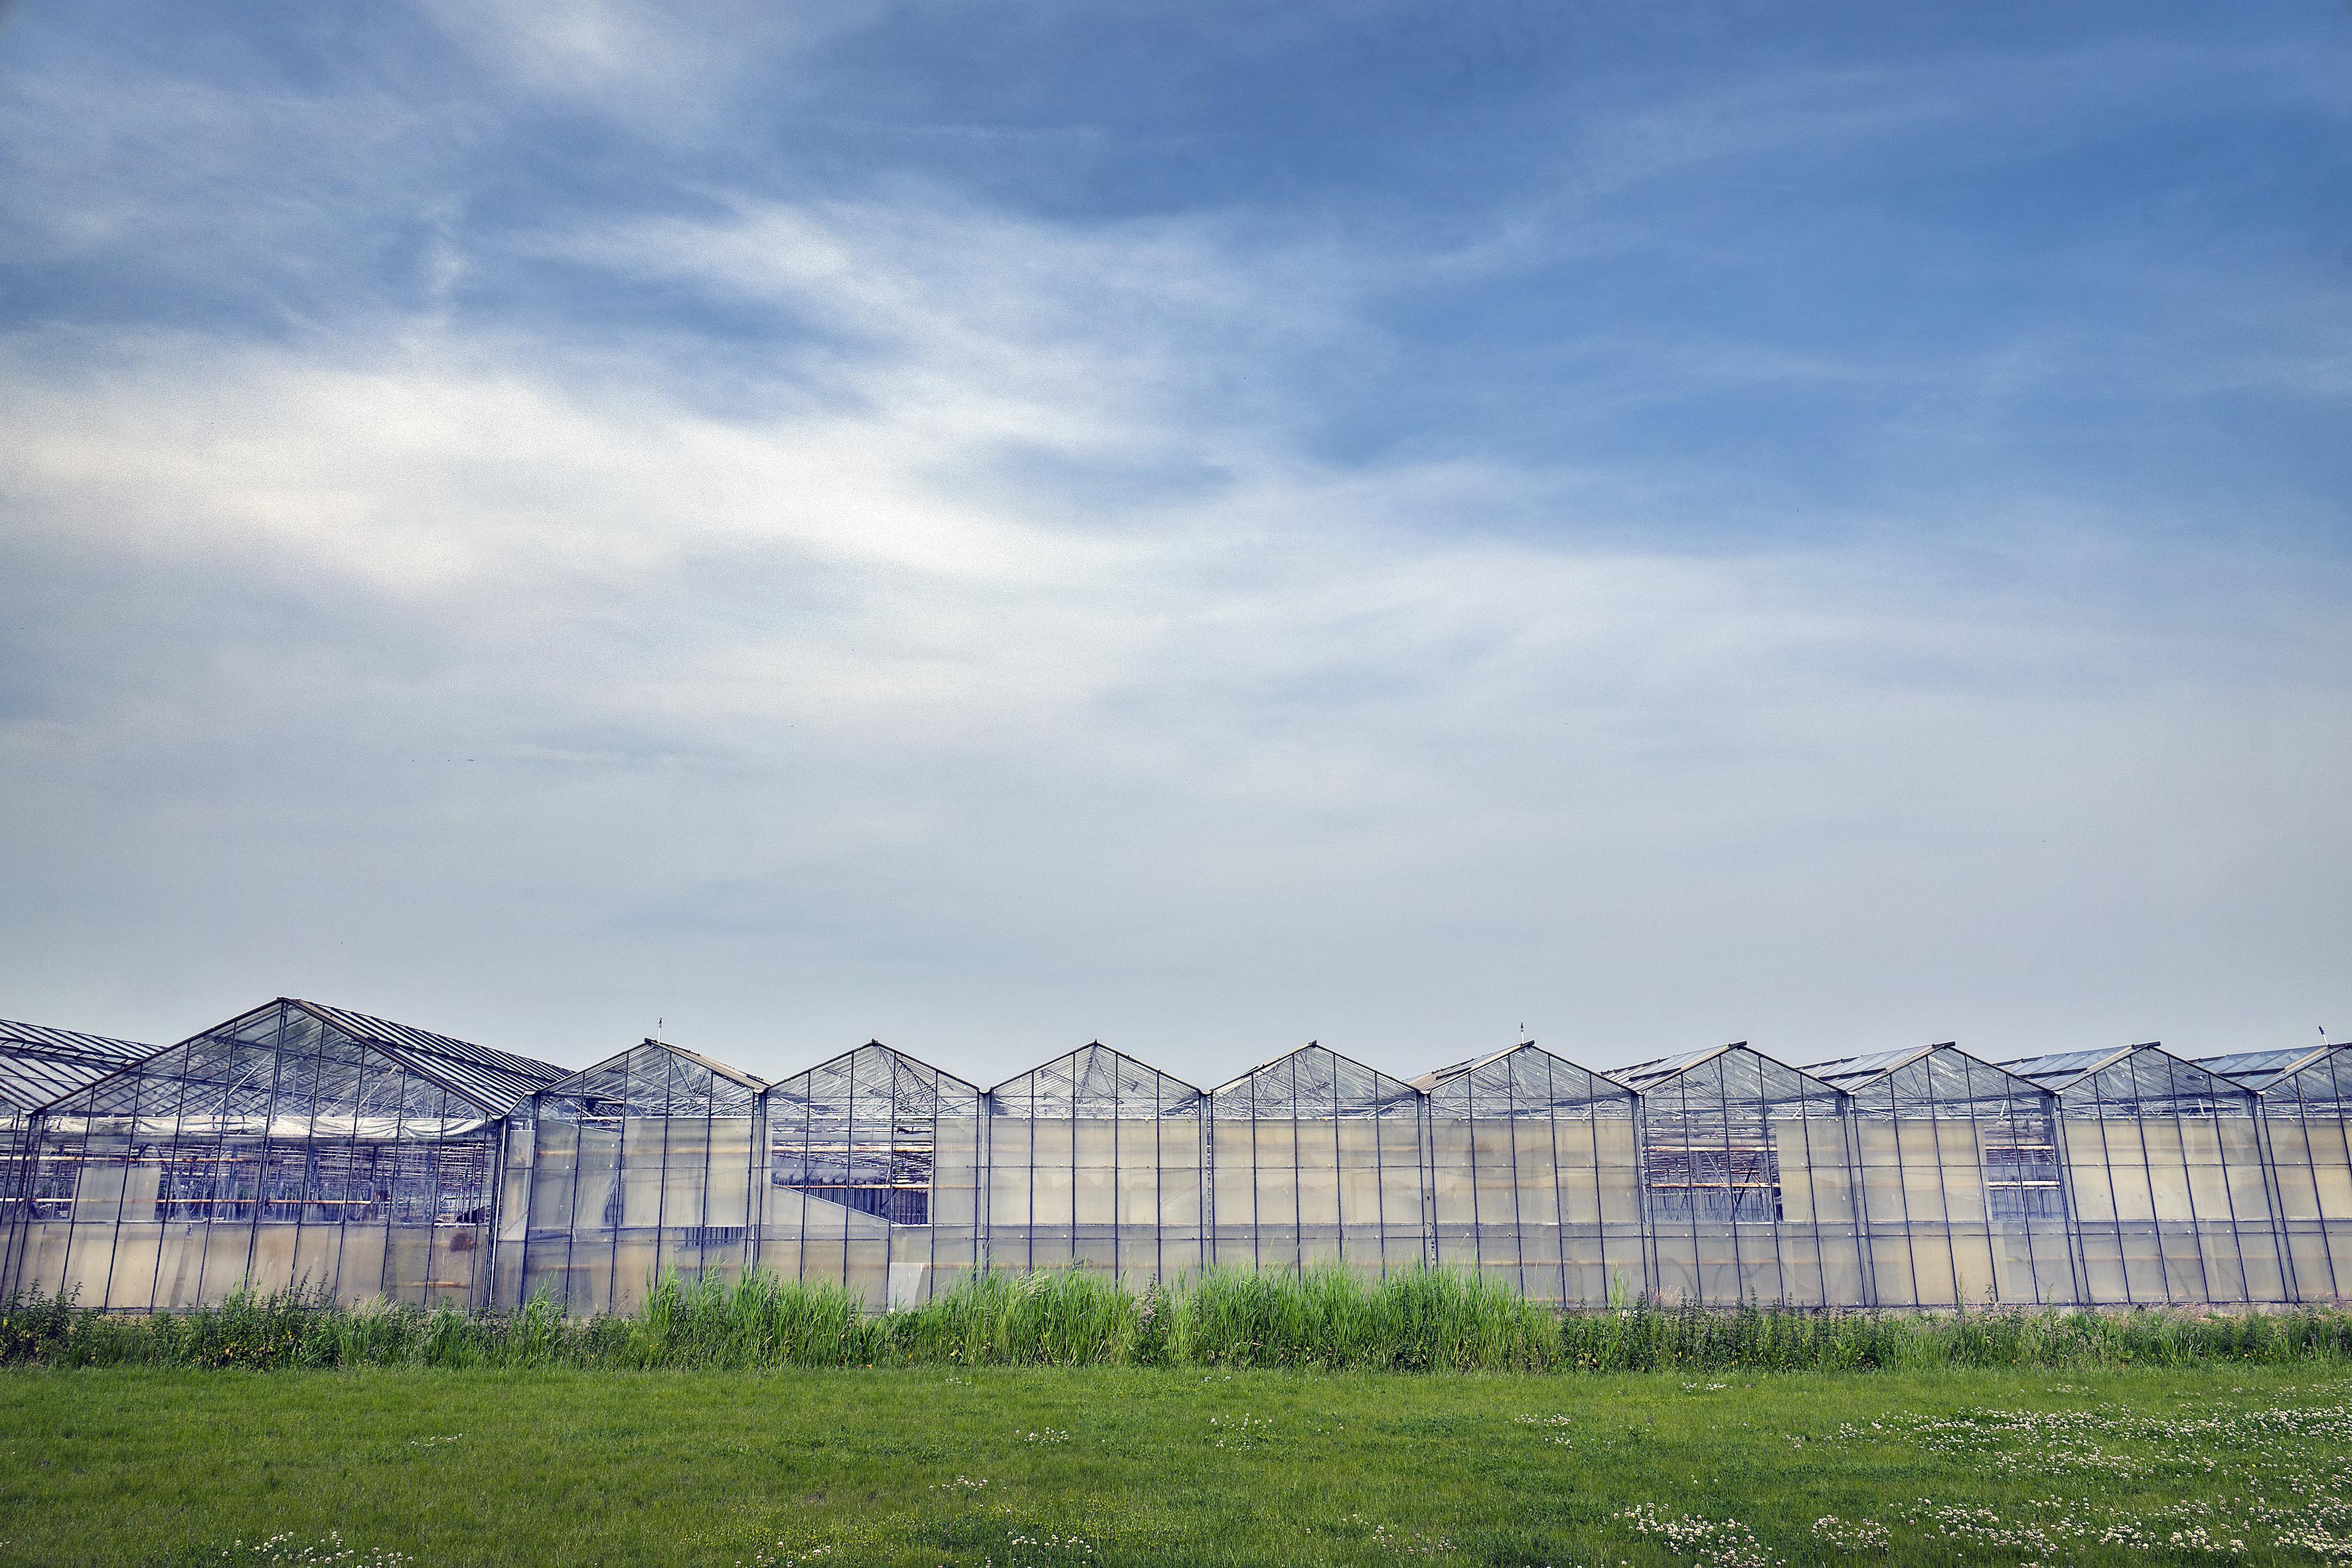 Geen woningbouw in Rijsenhout? 'Het dorp verpaupert en loopt leeg'